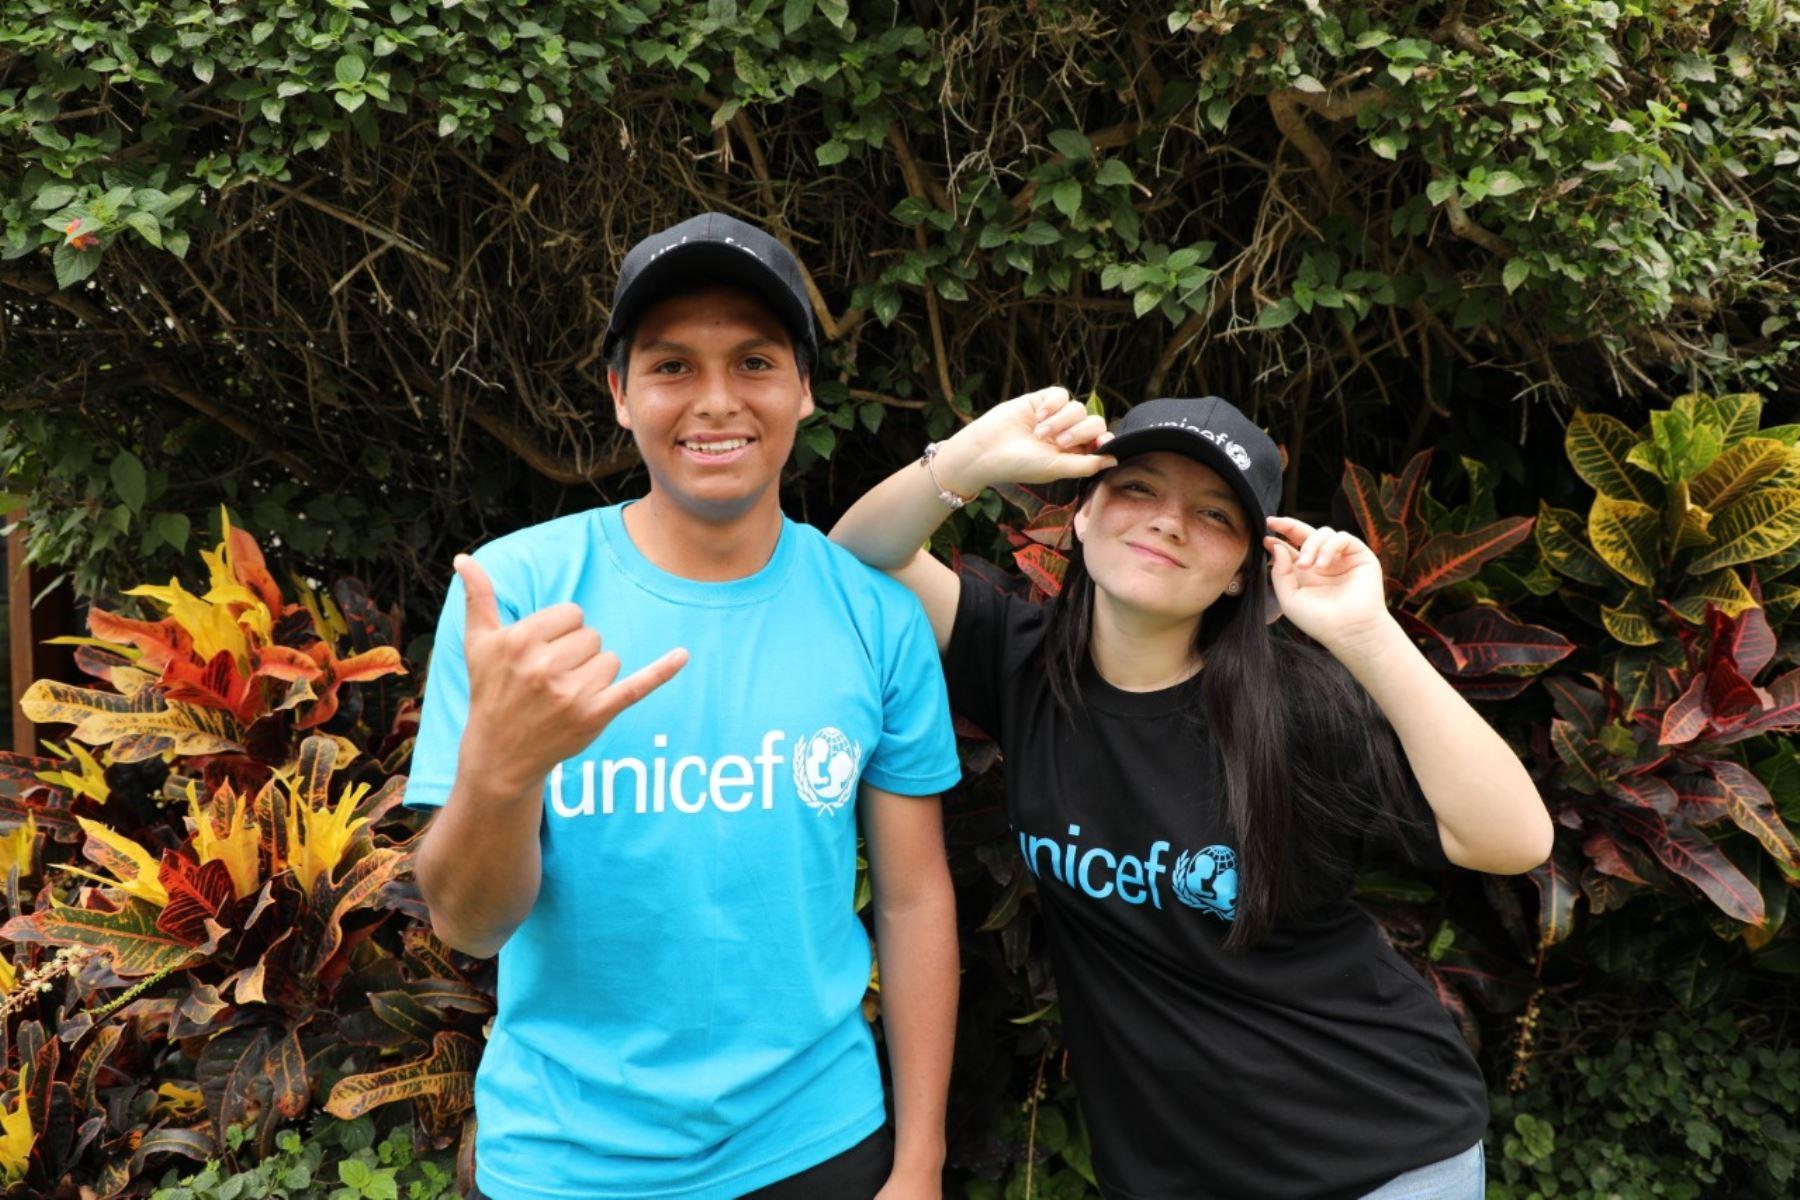 Los artistas peruanos Francisca Aronsson y Júnior Béjar Roca son nombrados embajadores de Unicef. Foto: ANDINA/Difusión.